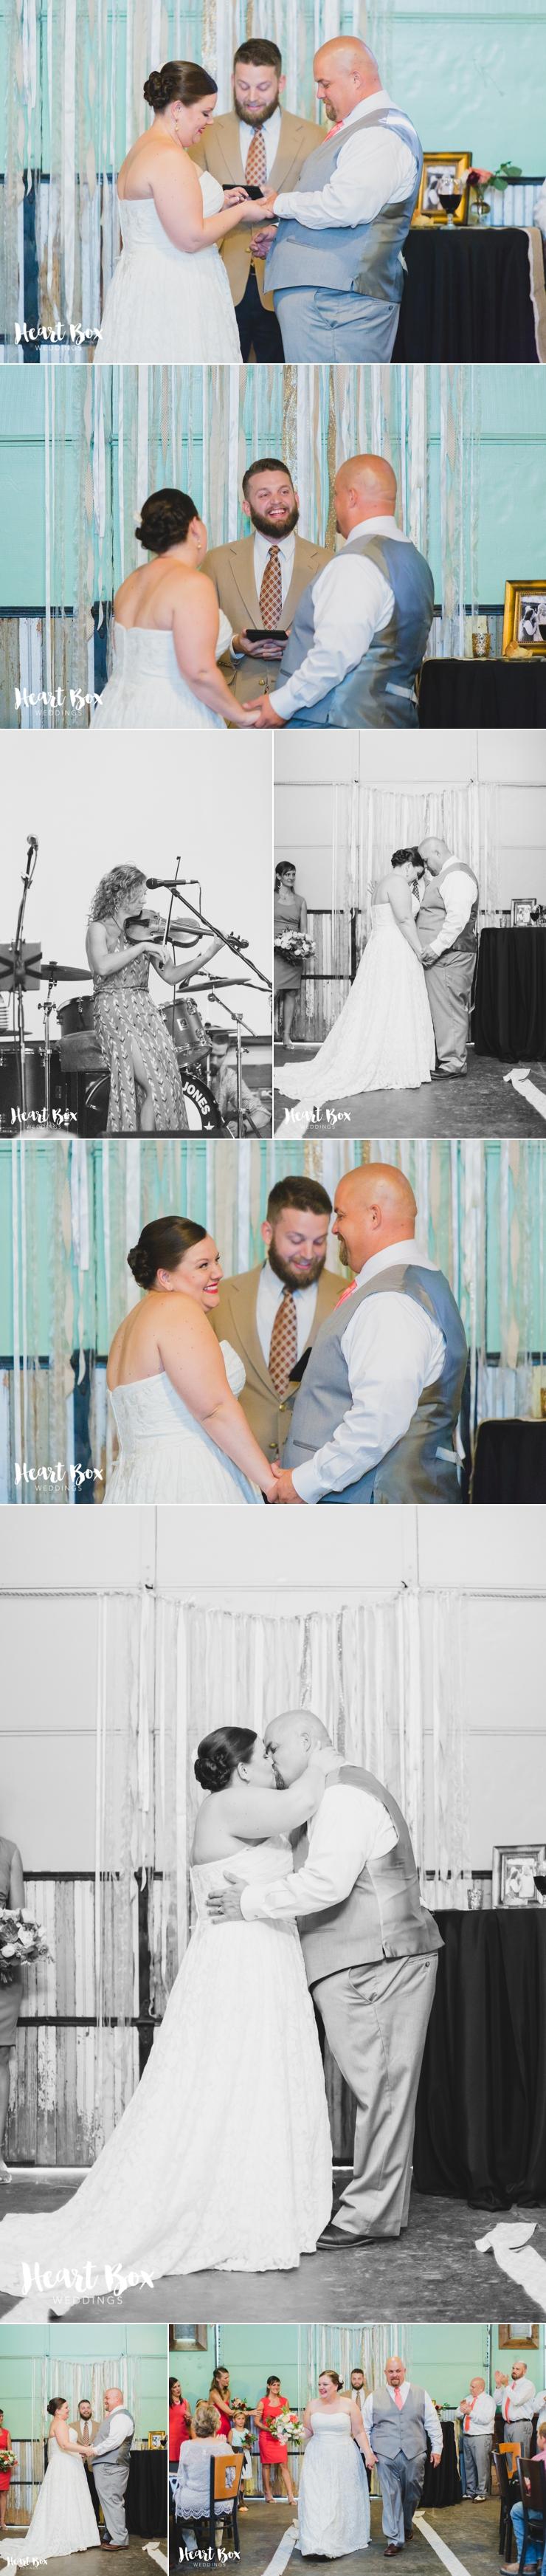 Turner Wedding Blog Collages 13.jpg